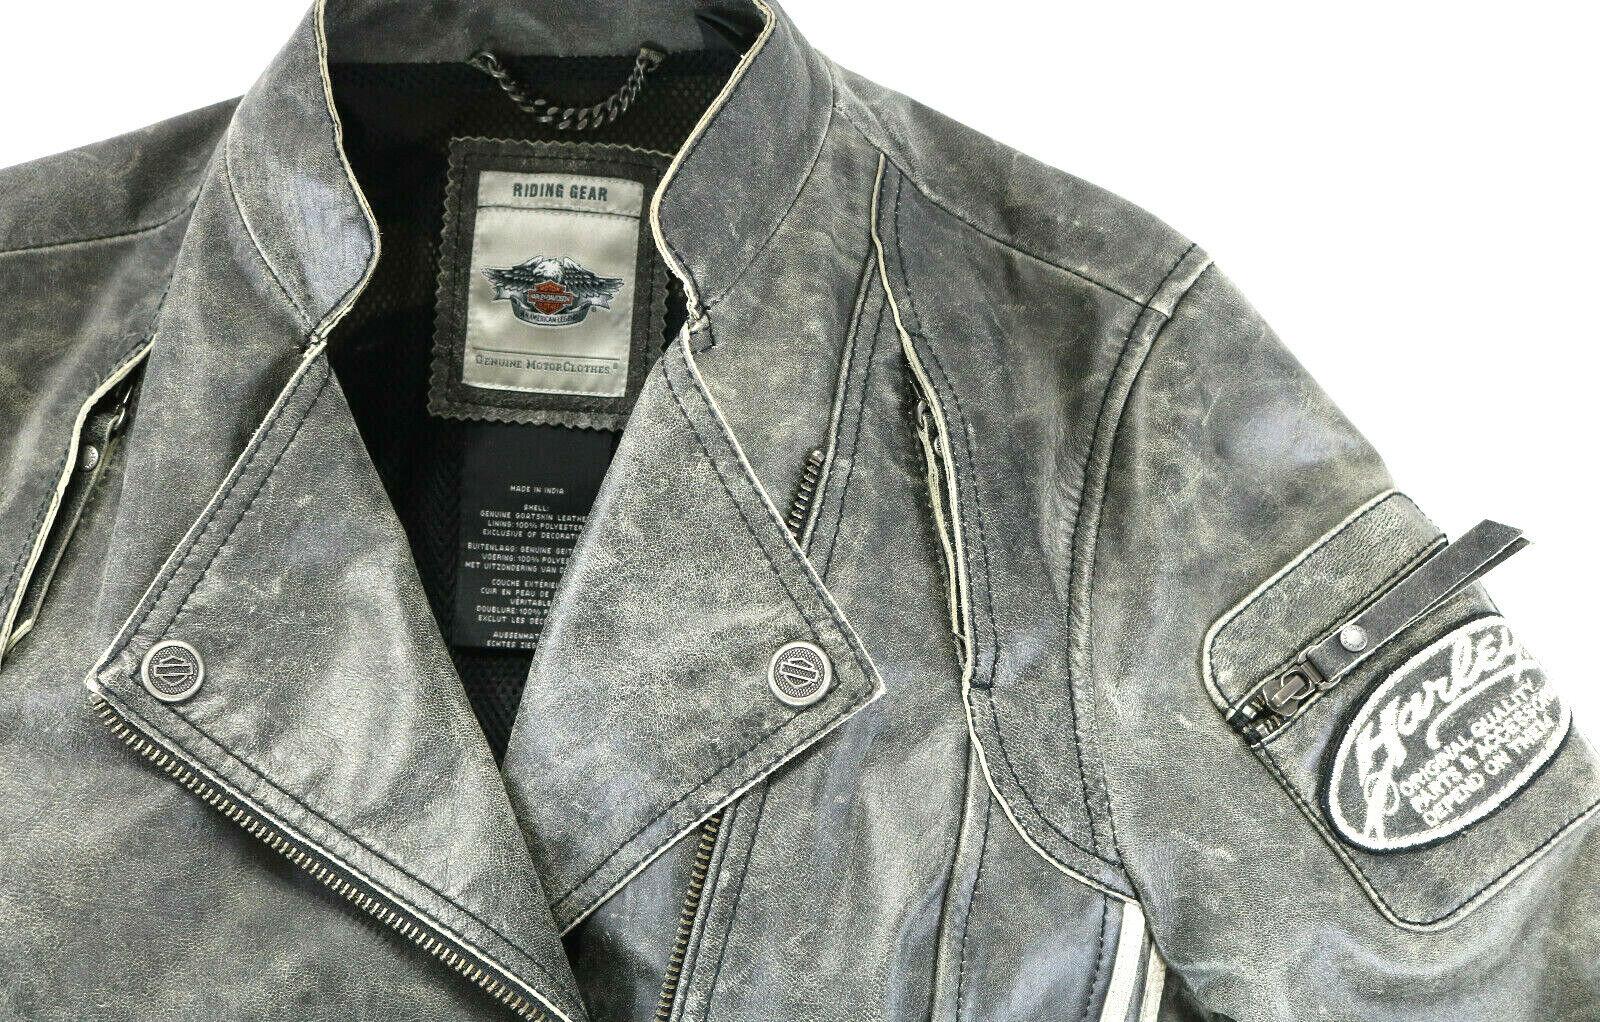 harley davidson goatskin jacket M lightweight embrace armor pockets vintage